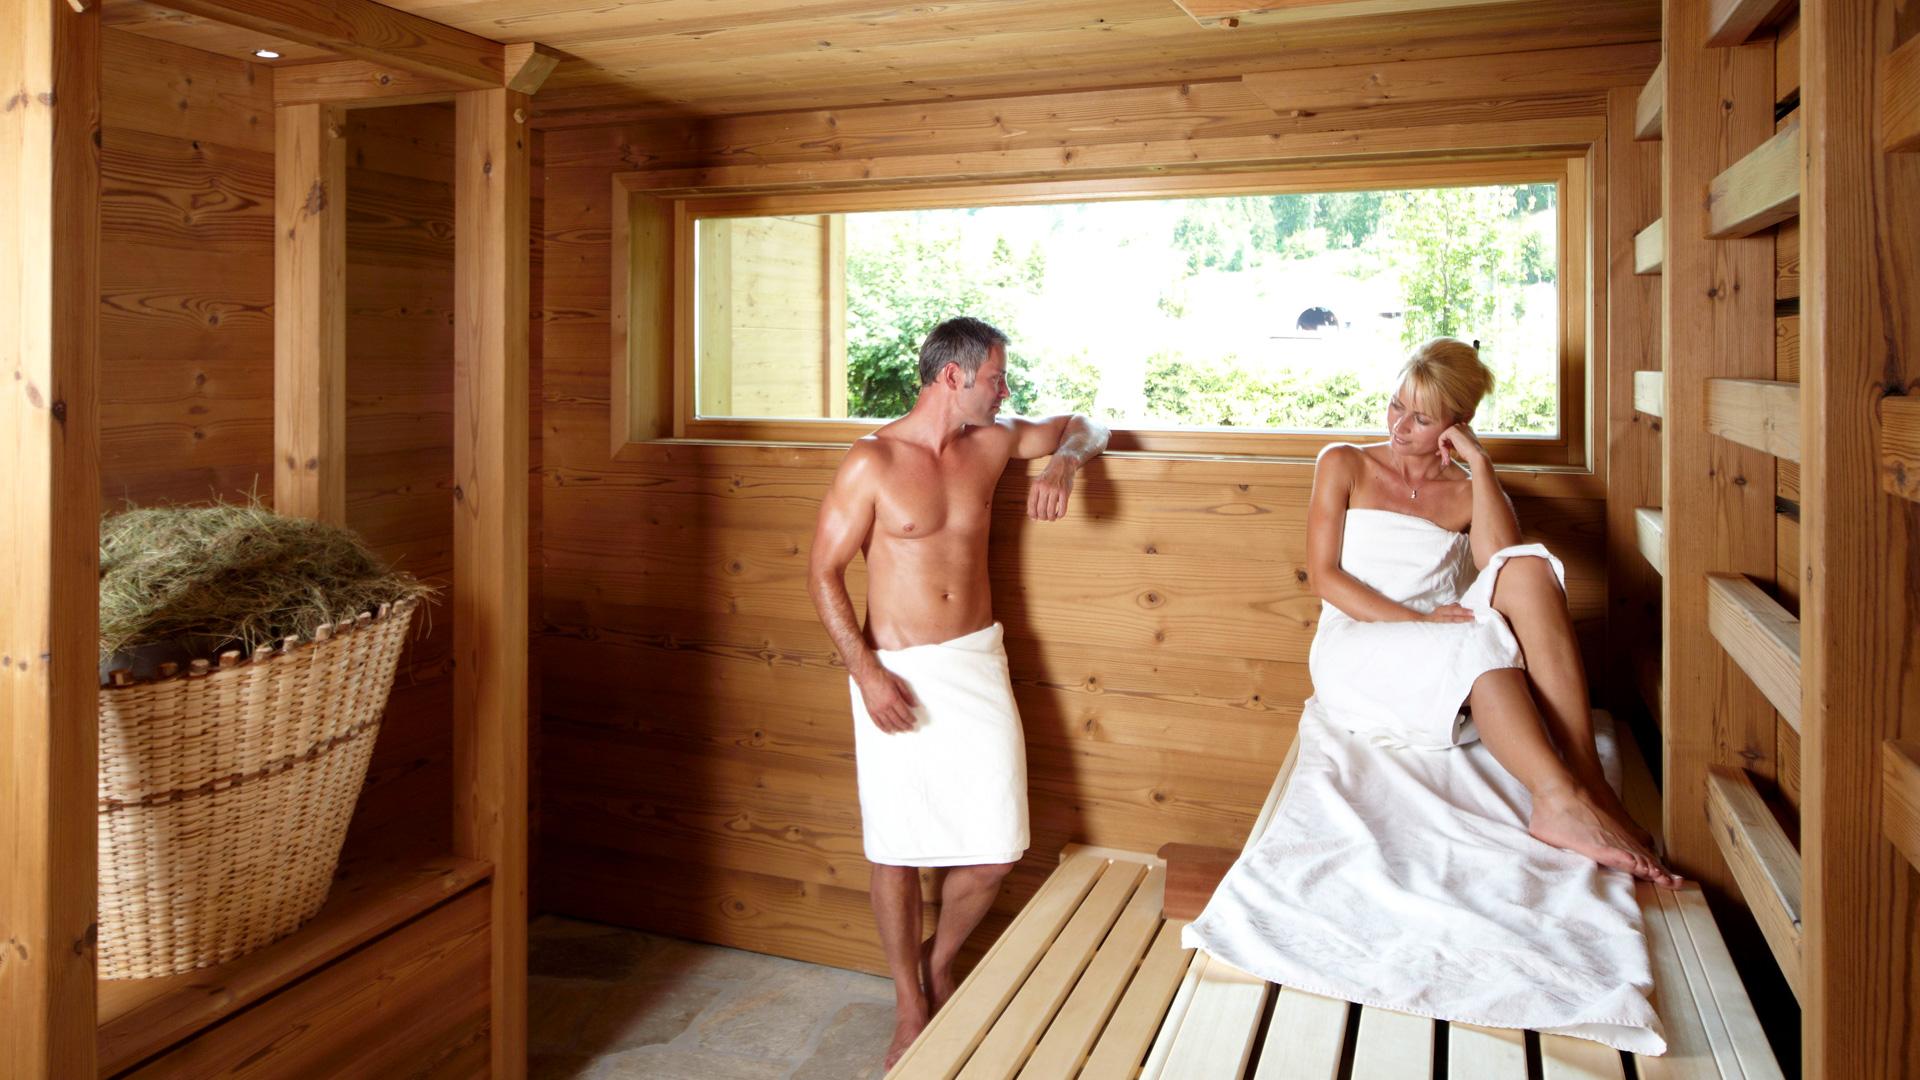 Смотретьпомывка в бане всей семьей онлайн 12 фотография